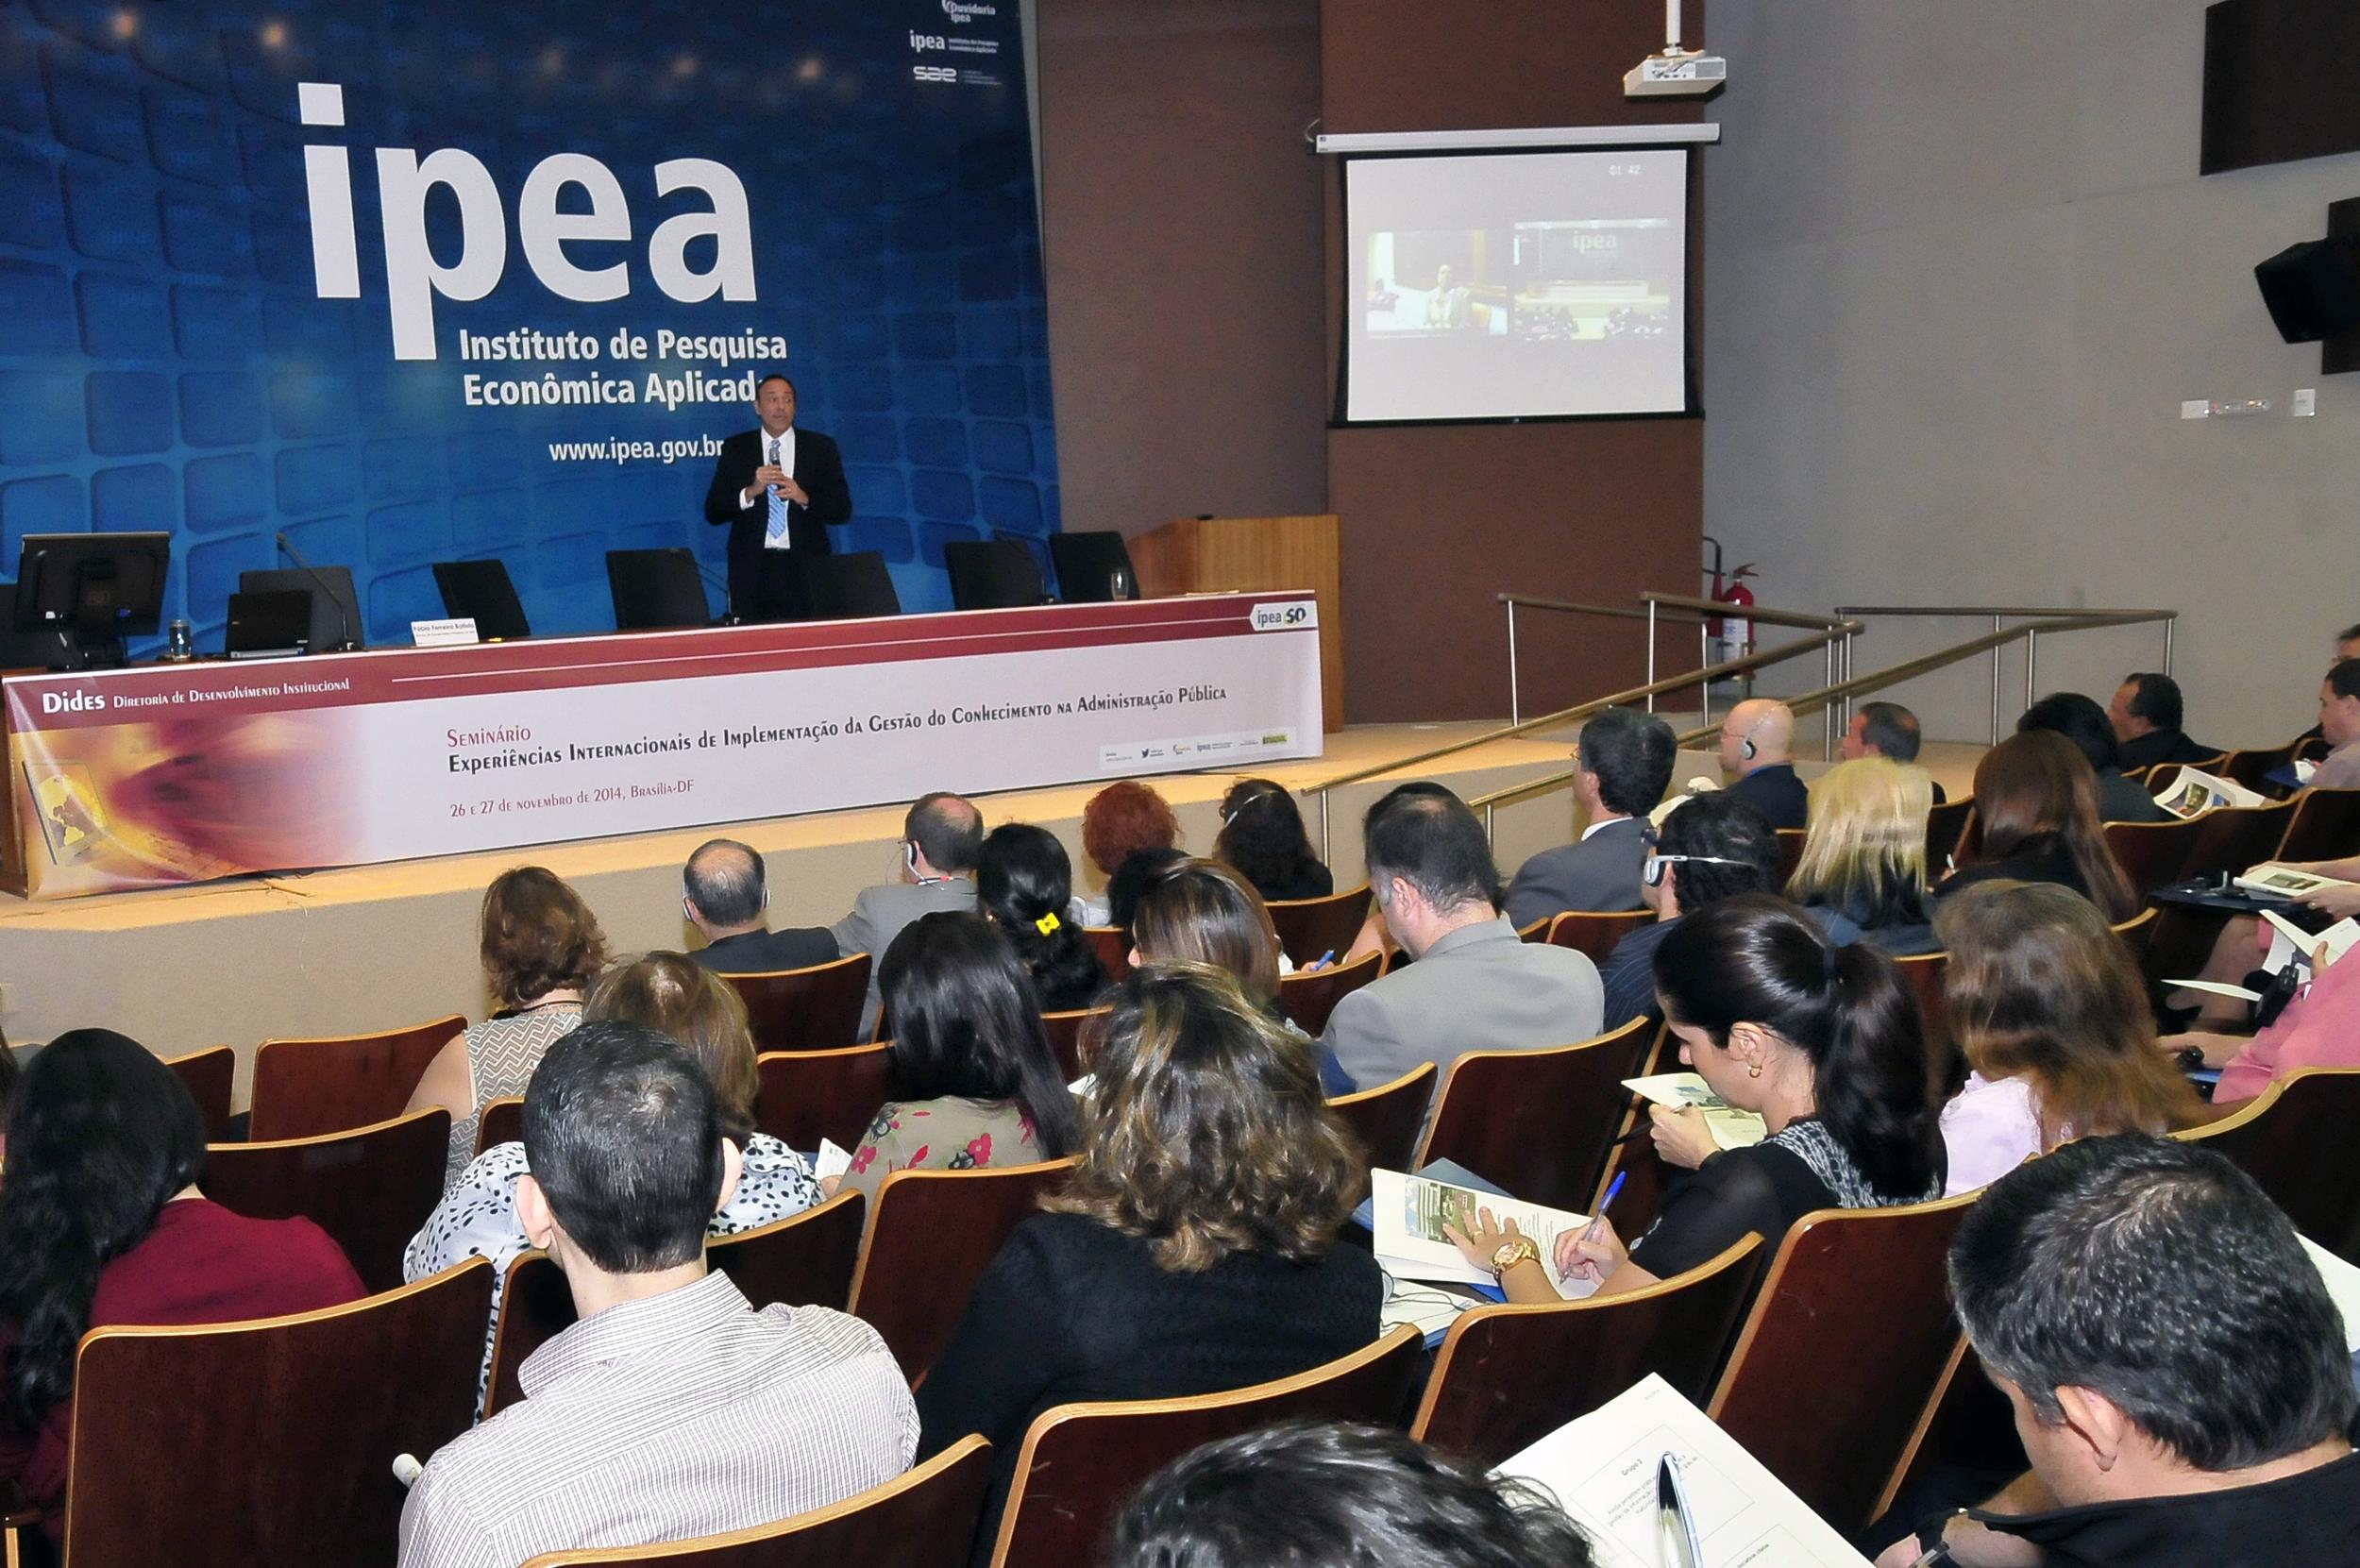 Seminário será realizado no auditório do Ipea. Foto: João Viana / IPEA